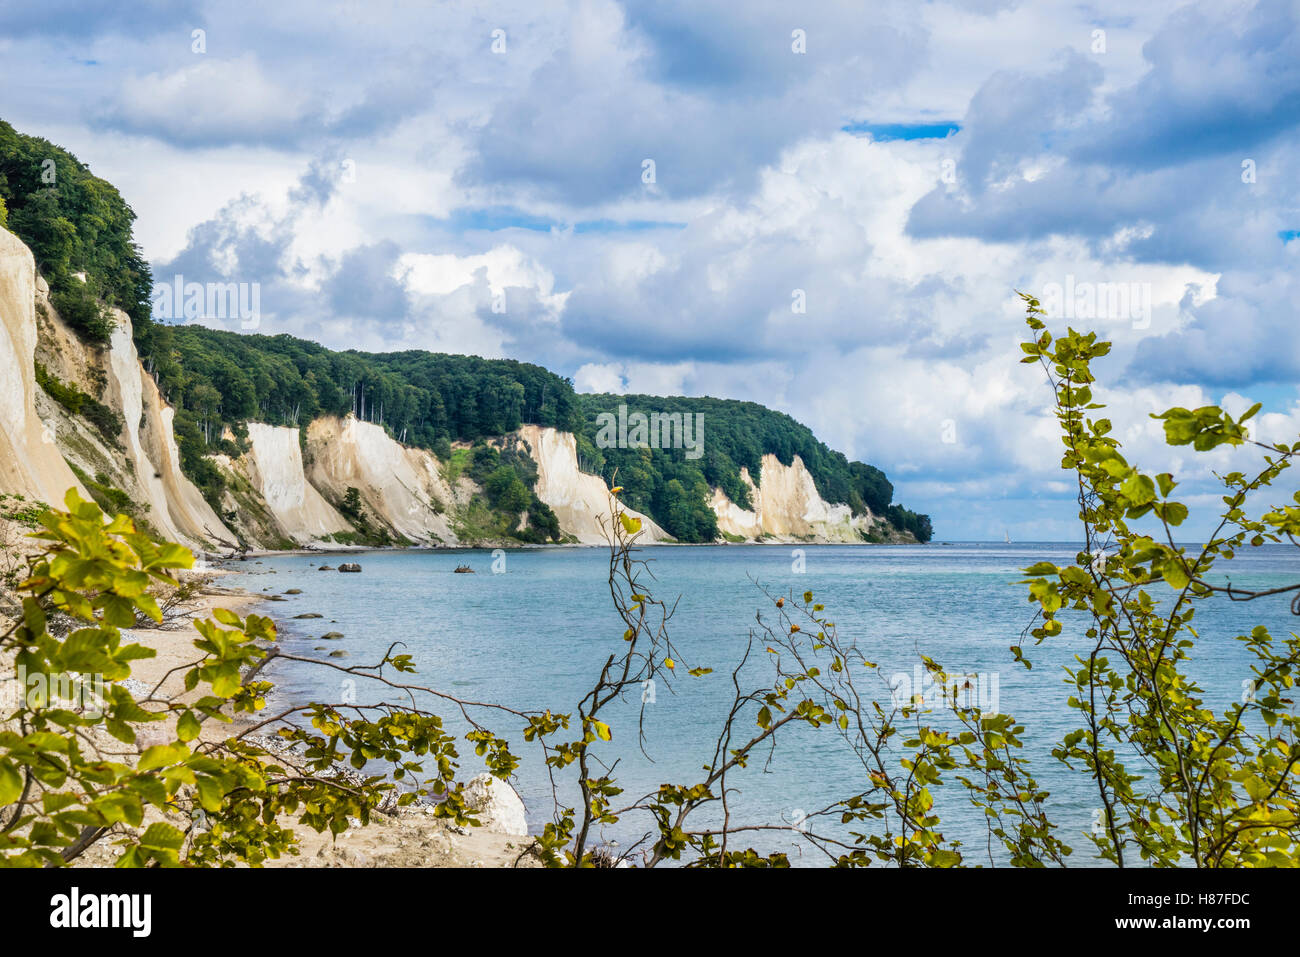 chalk cliff coast Jasmund National Park, near Königsstuhl (King's Chair) on the island of Rügen, Mecklenburg-Vorpommern, Stock Photo